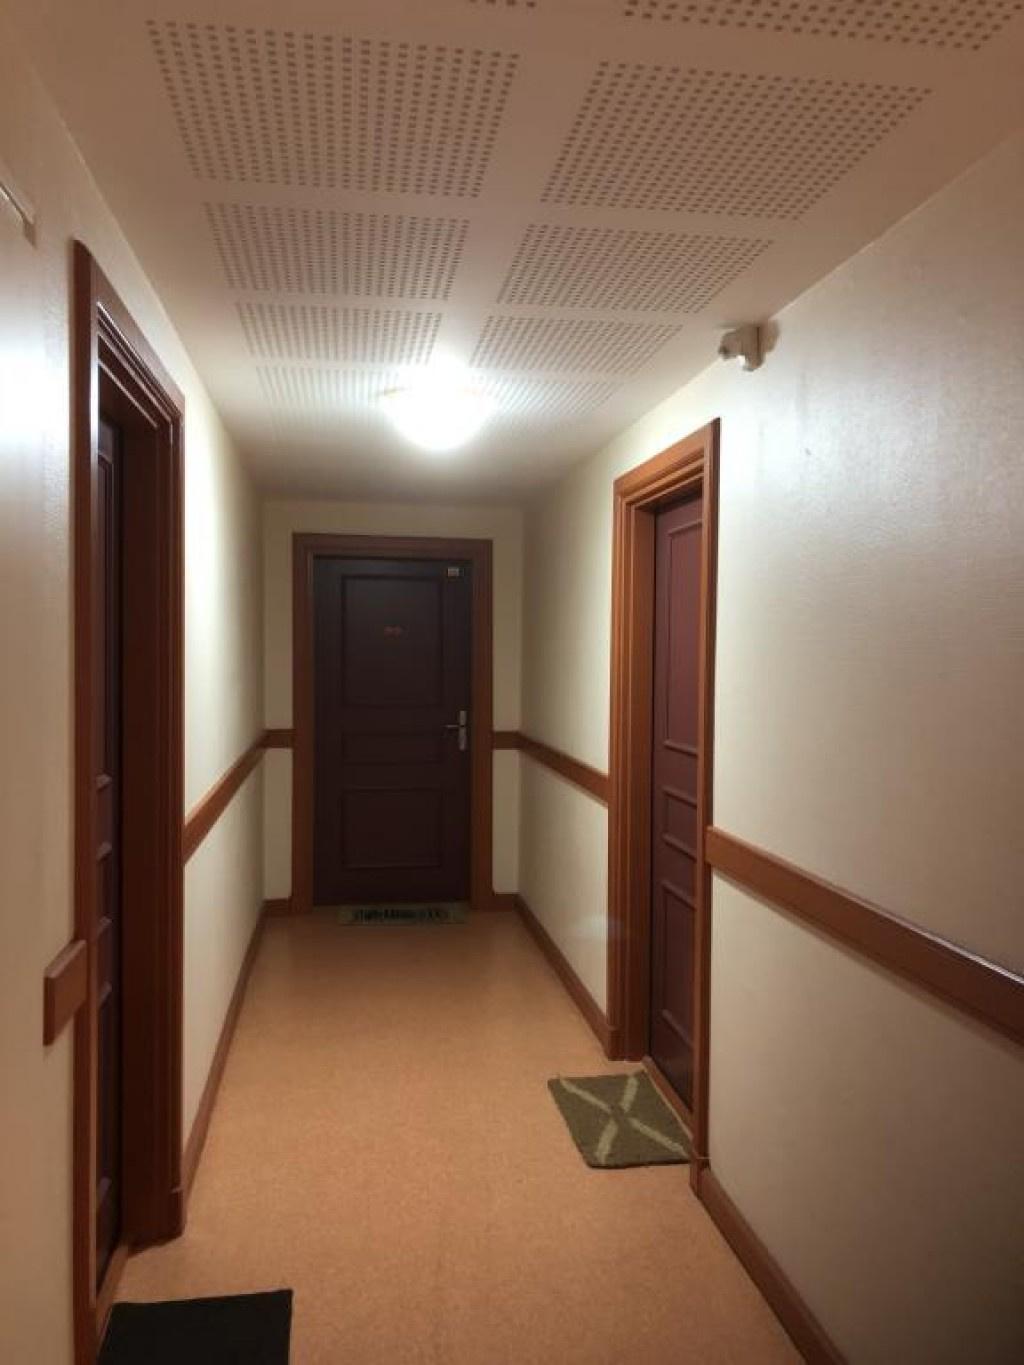 05 - Couloir - Porte 01